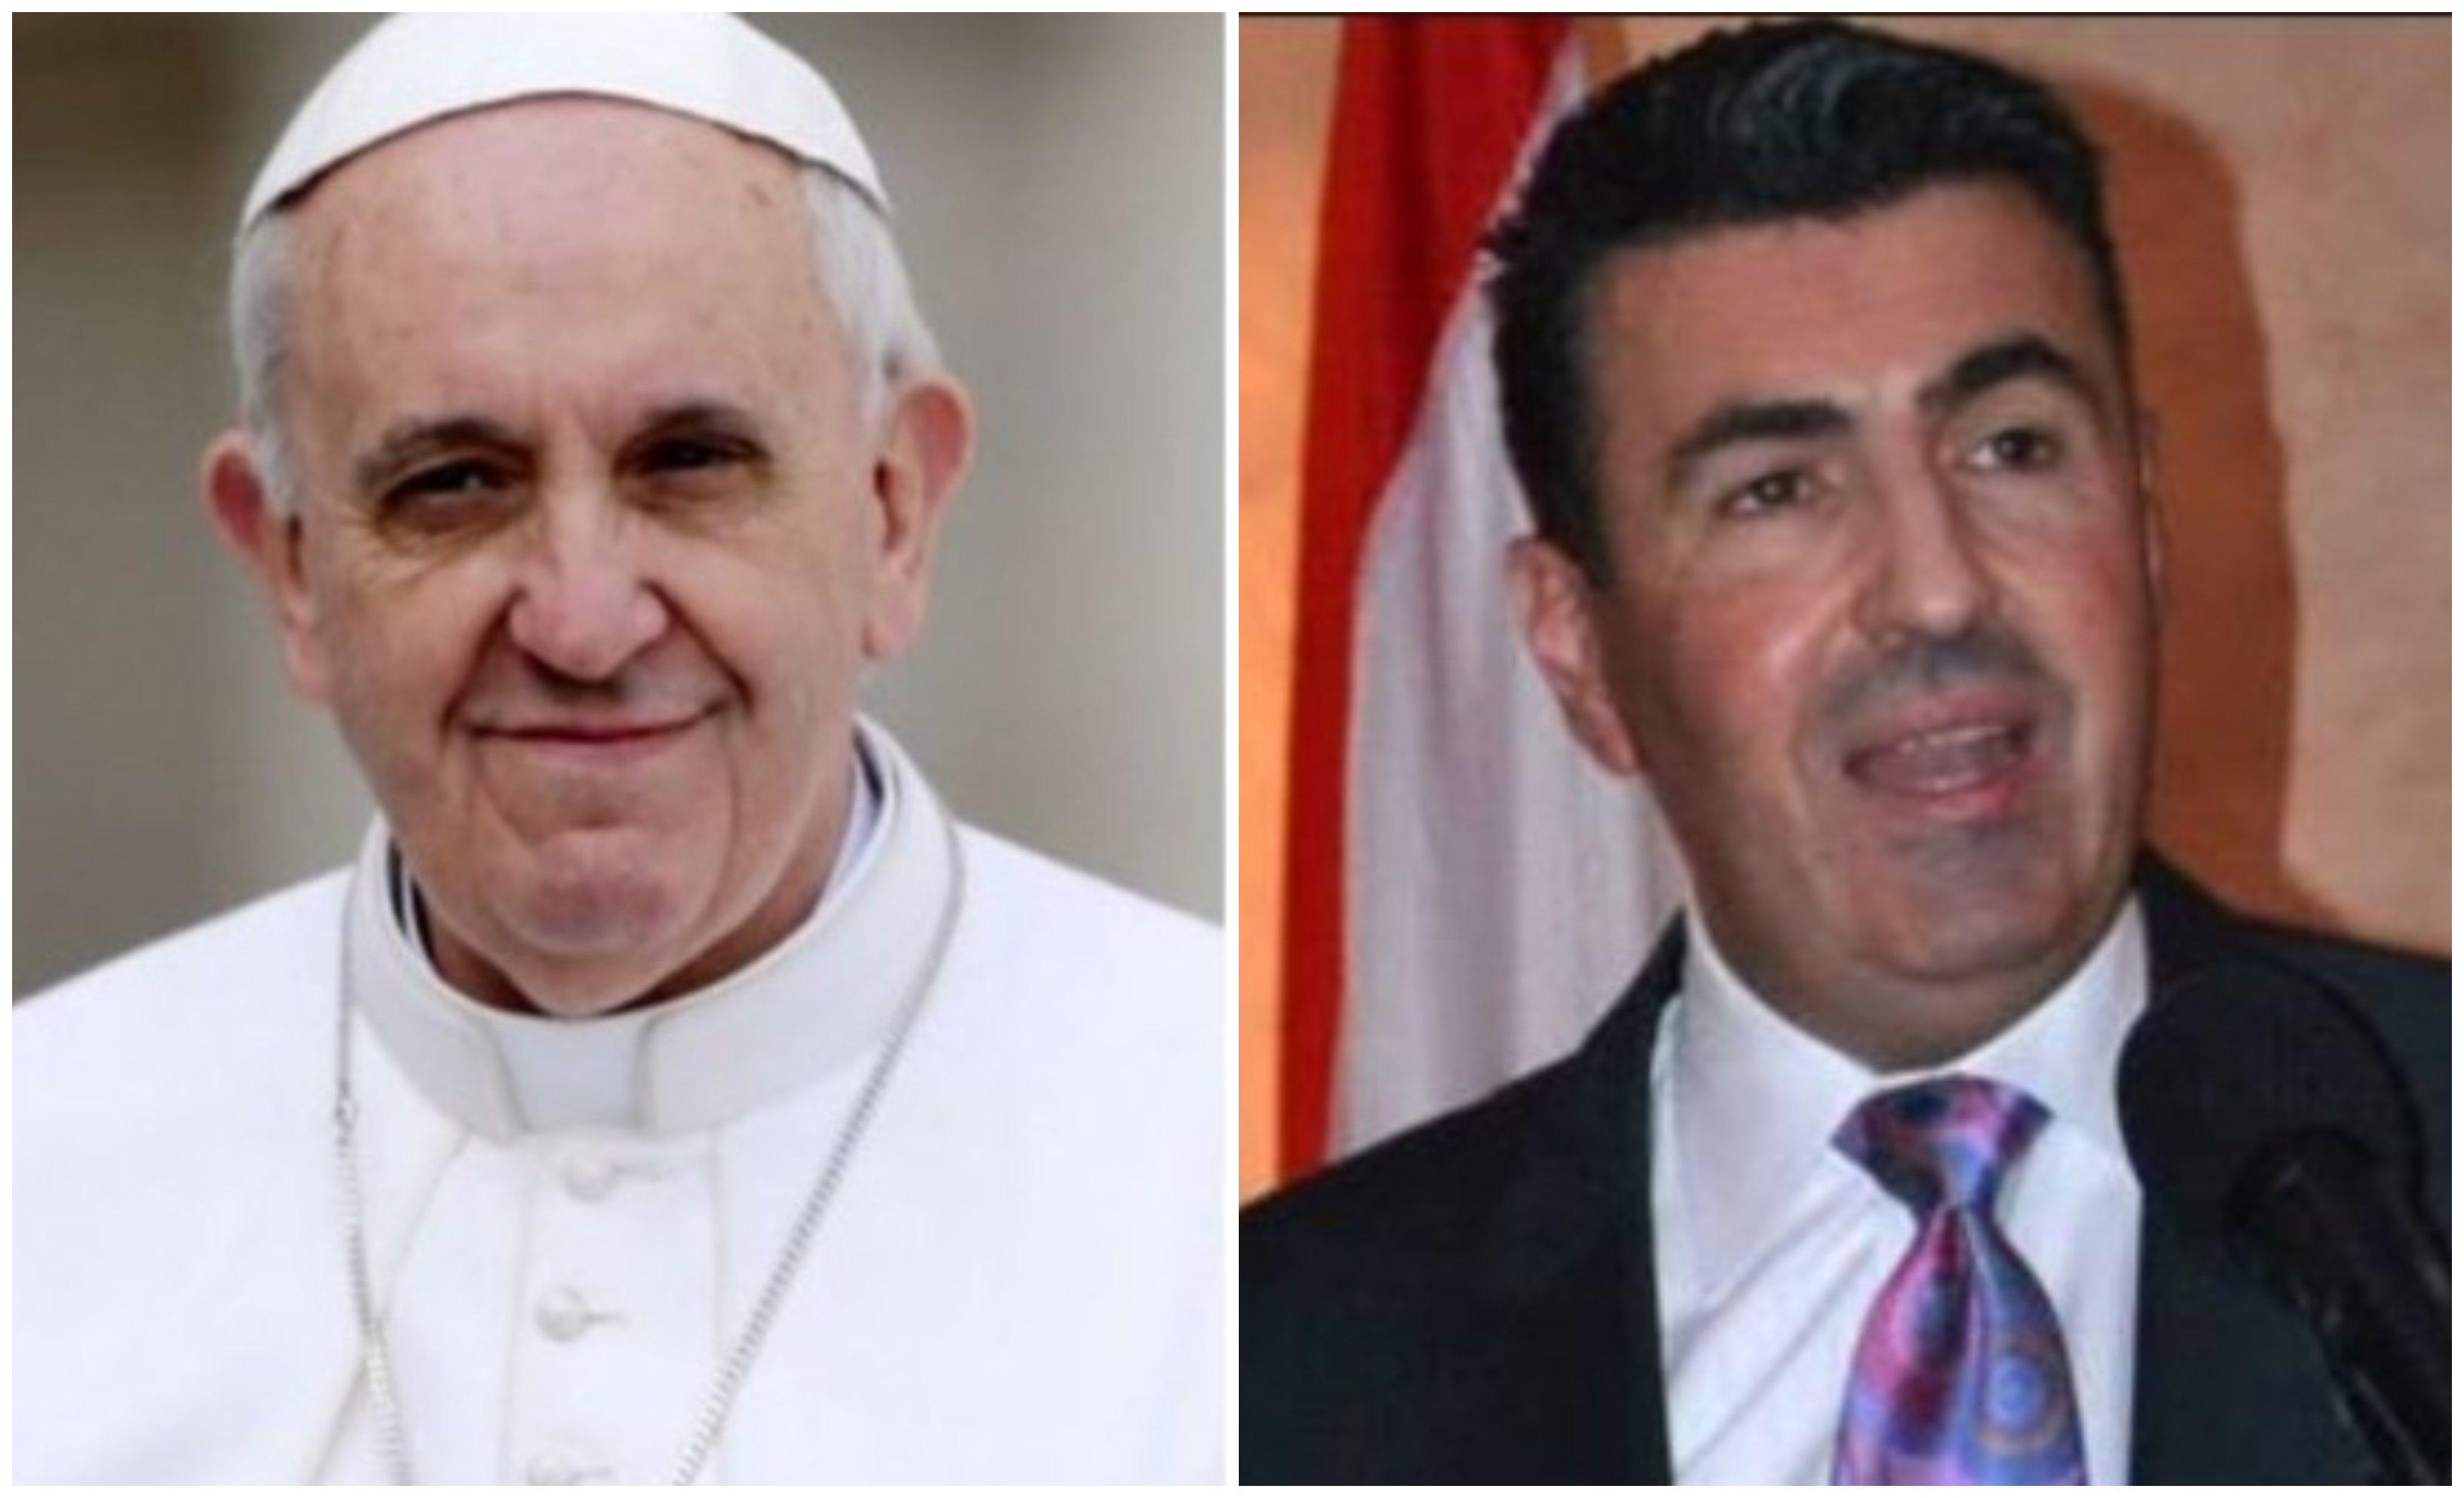 El Papa rechazó la designación del diplomático libanés Johnny Ibrahim como embajador en el Vaticano porque es masón